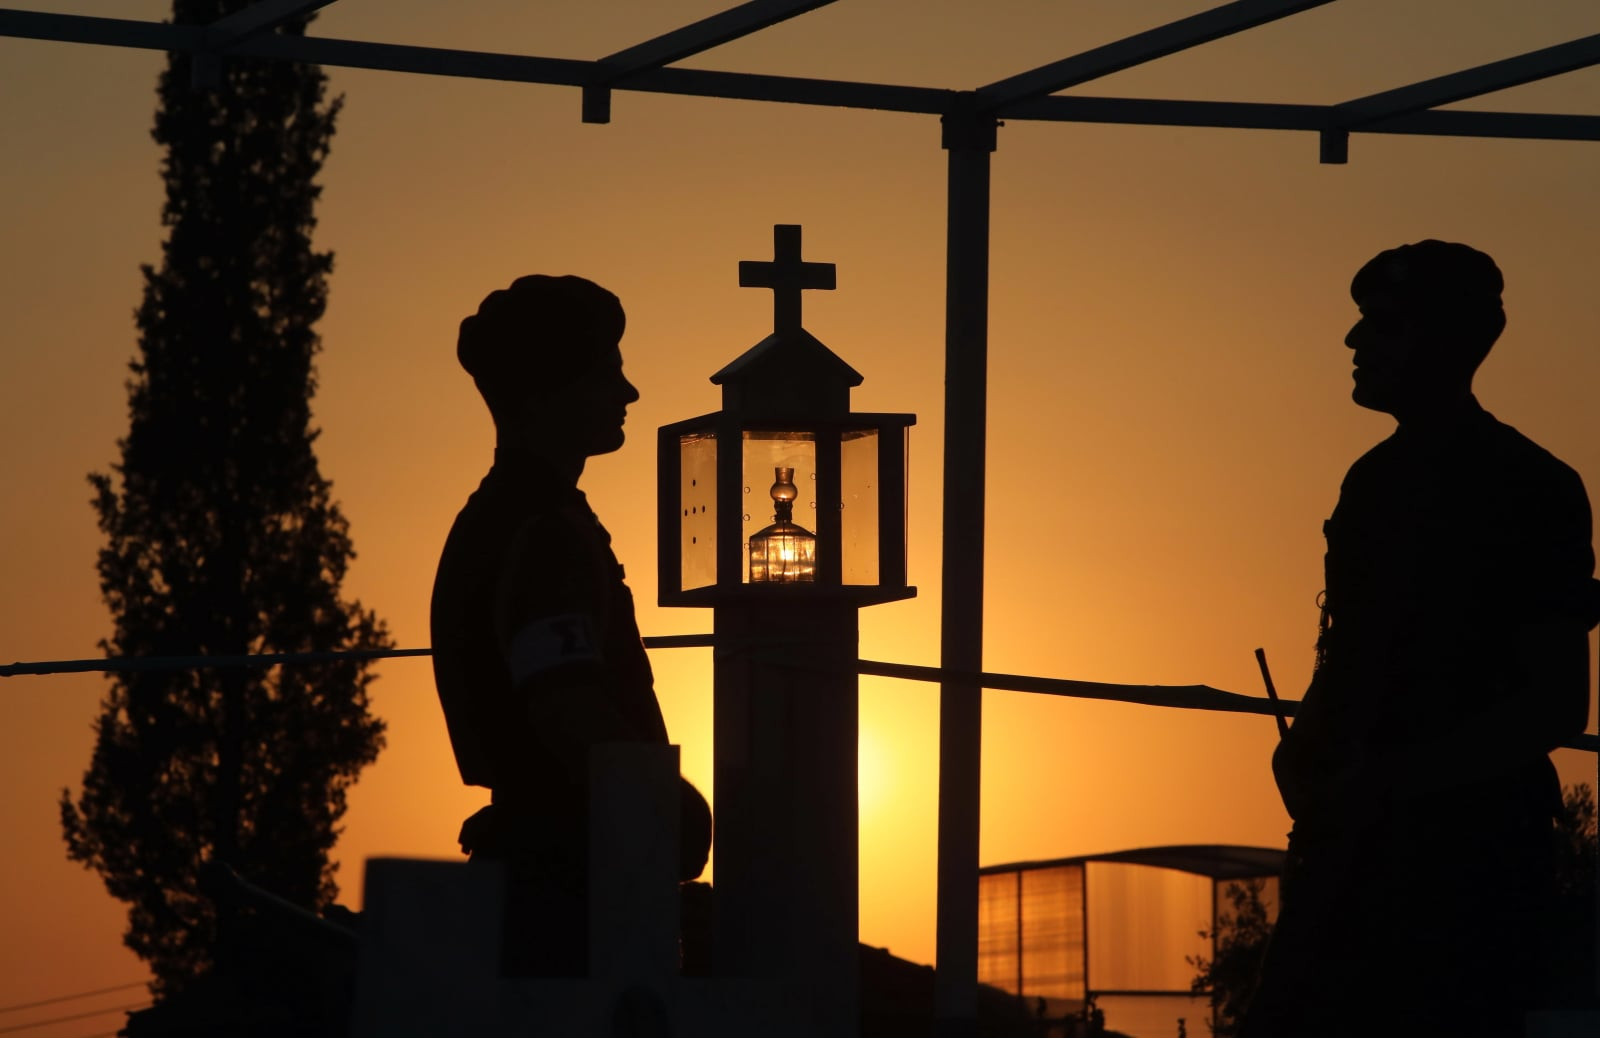 Upamietnienie cypryjskich żołnierzy EPA/KATIA CHRISTODOULOU